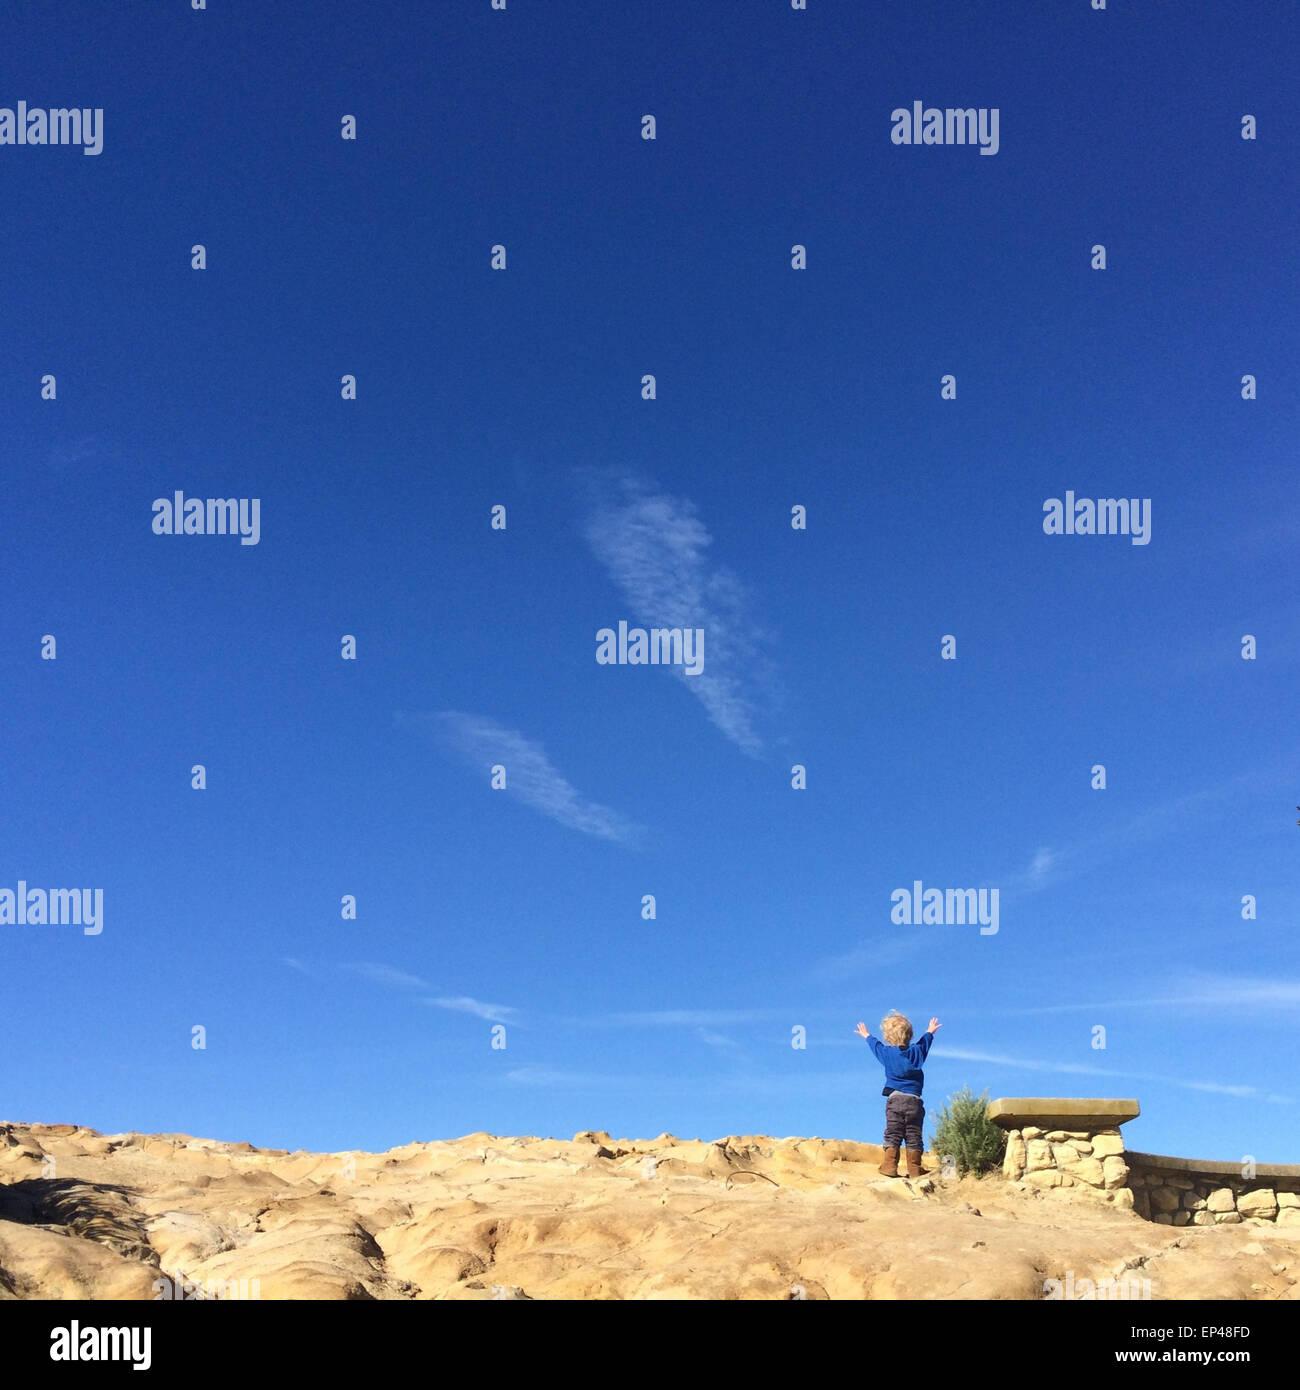 Junge stand mit seinen Armen in der Luft Stockbild